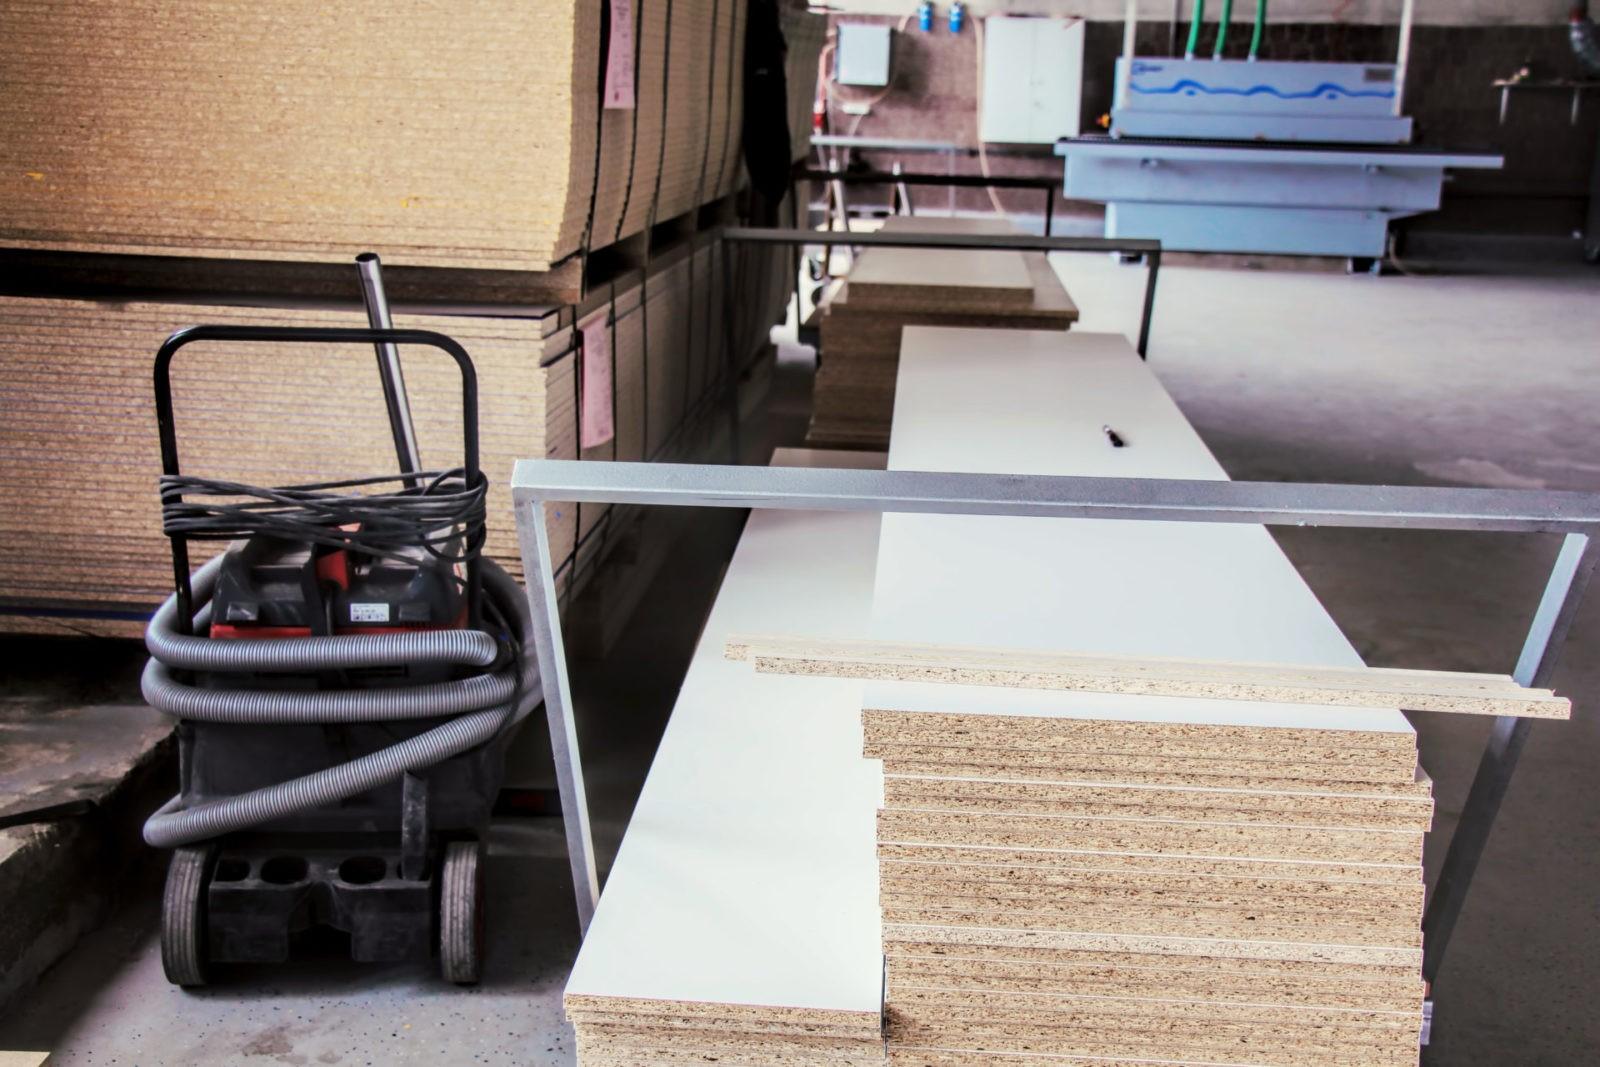 Распил материалов для экономии на мебели